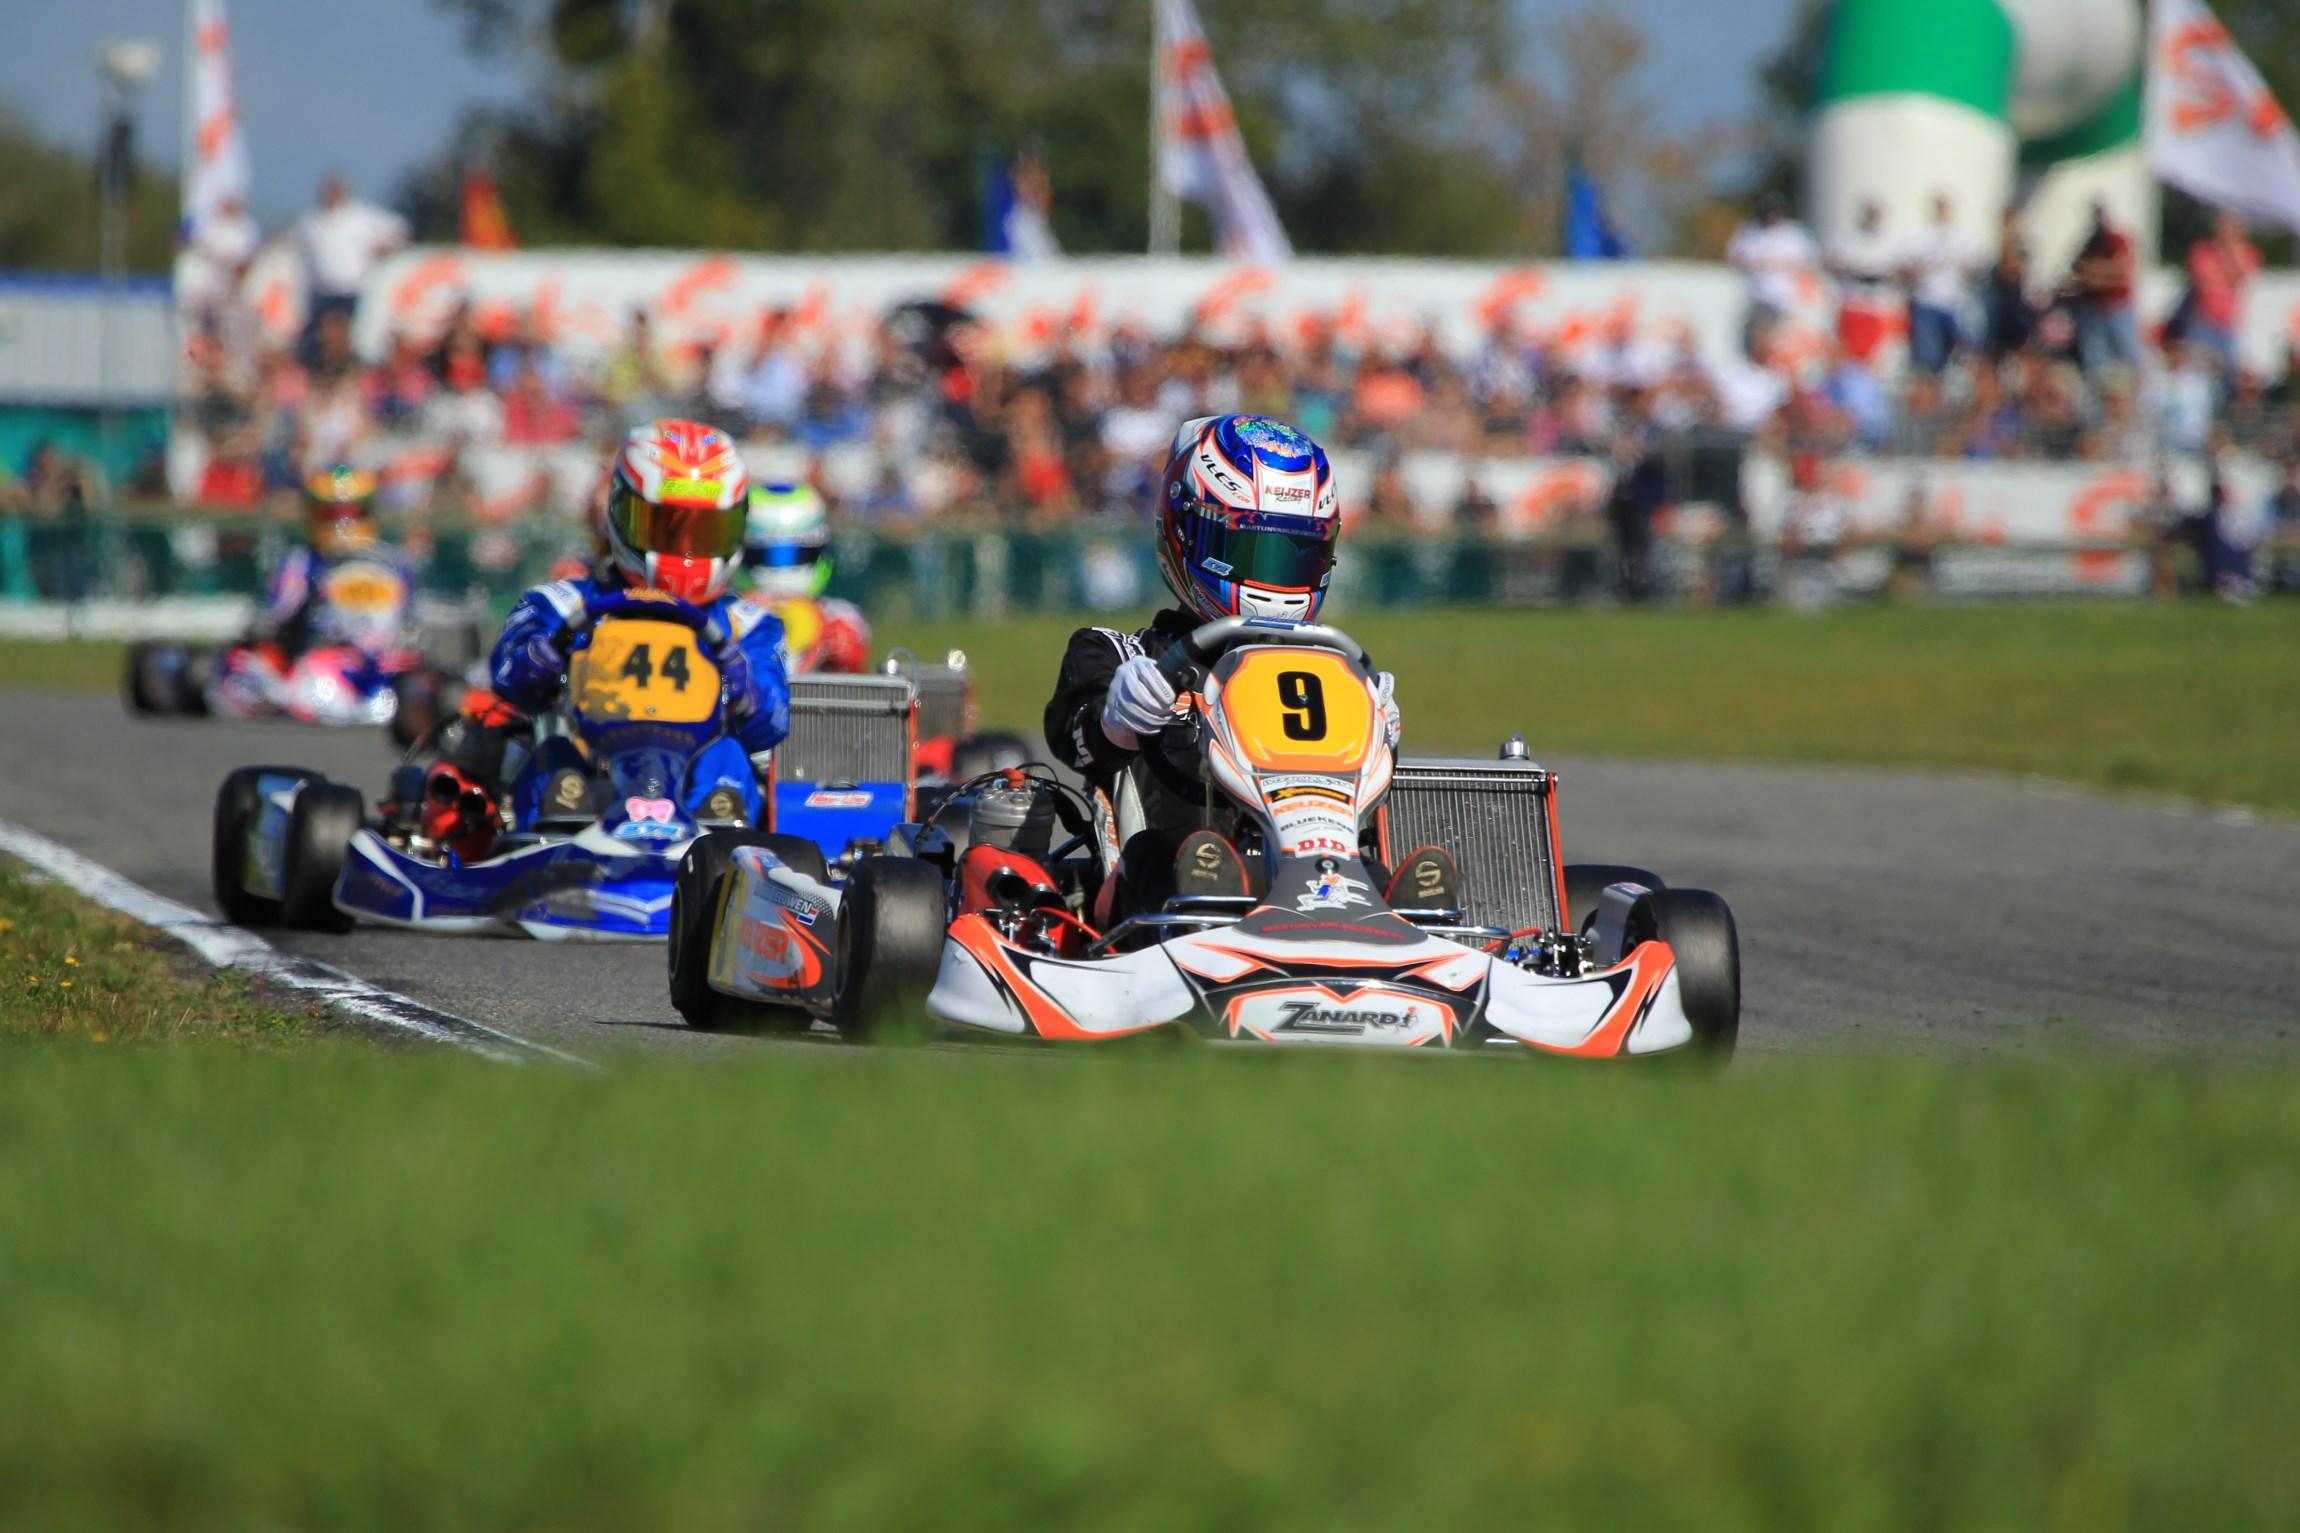 Martijn van Leeuwen wird Fünfter in Kart Weltmeisterschaft